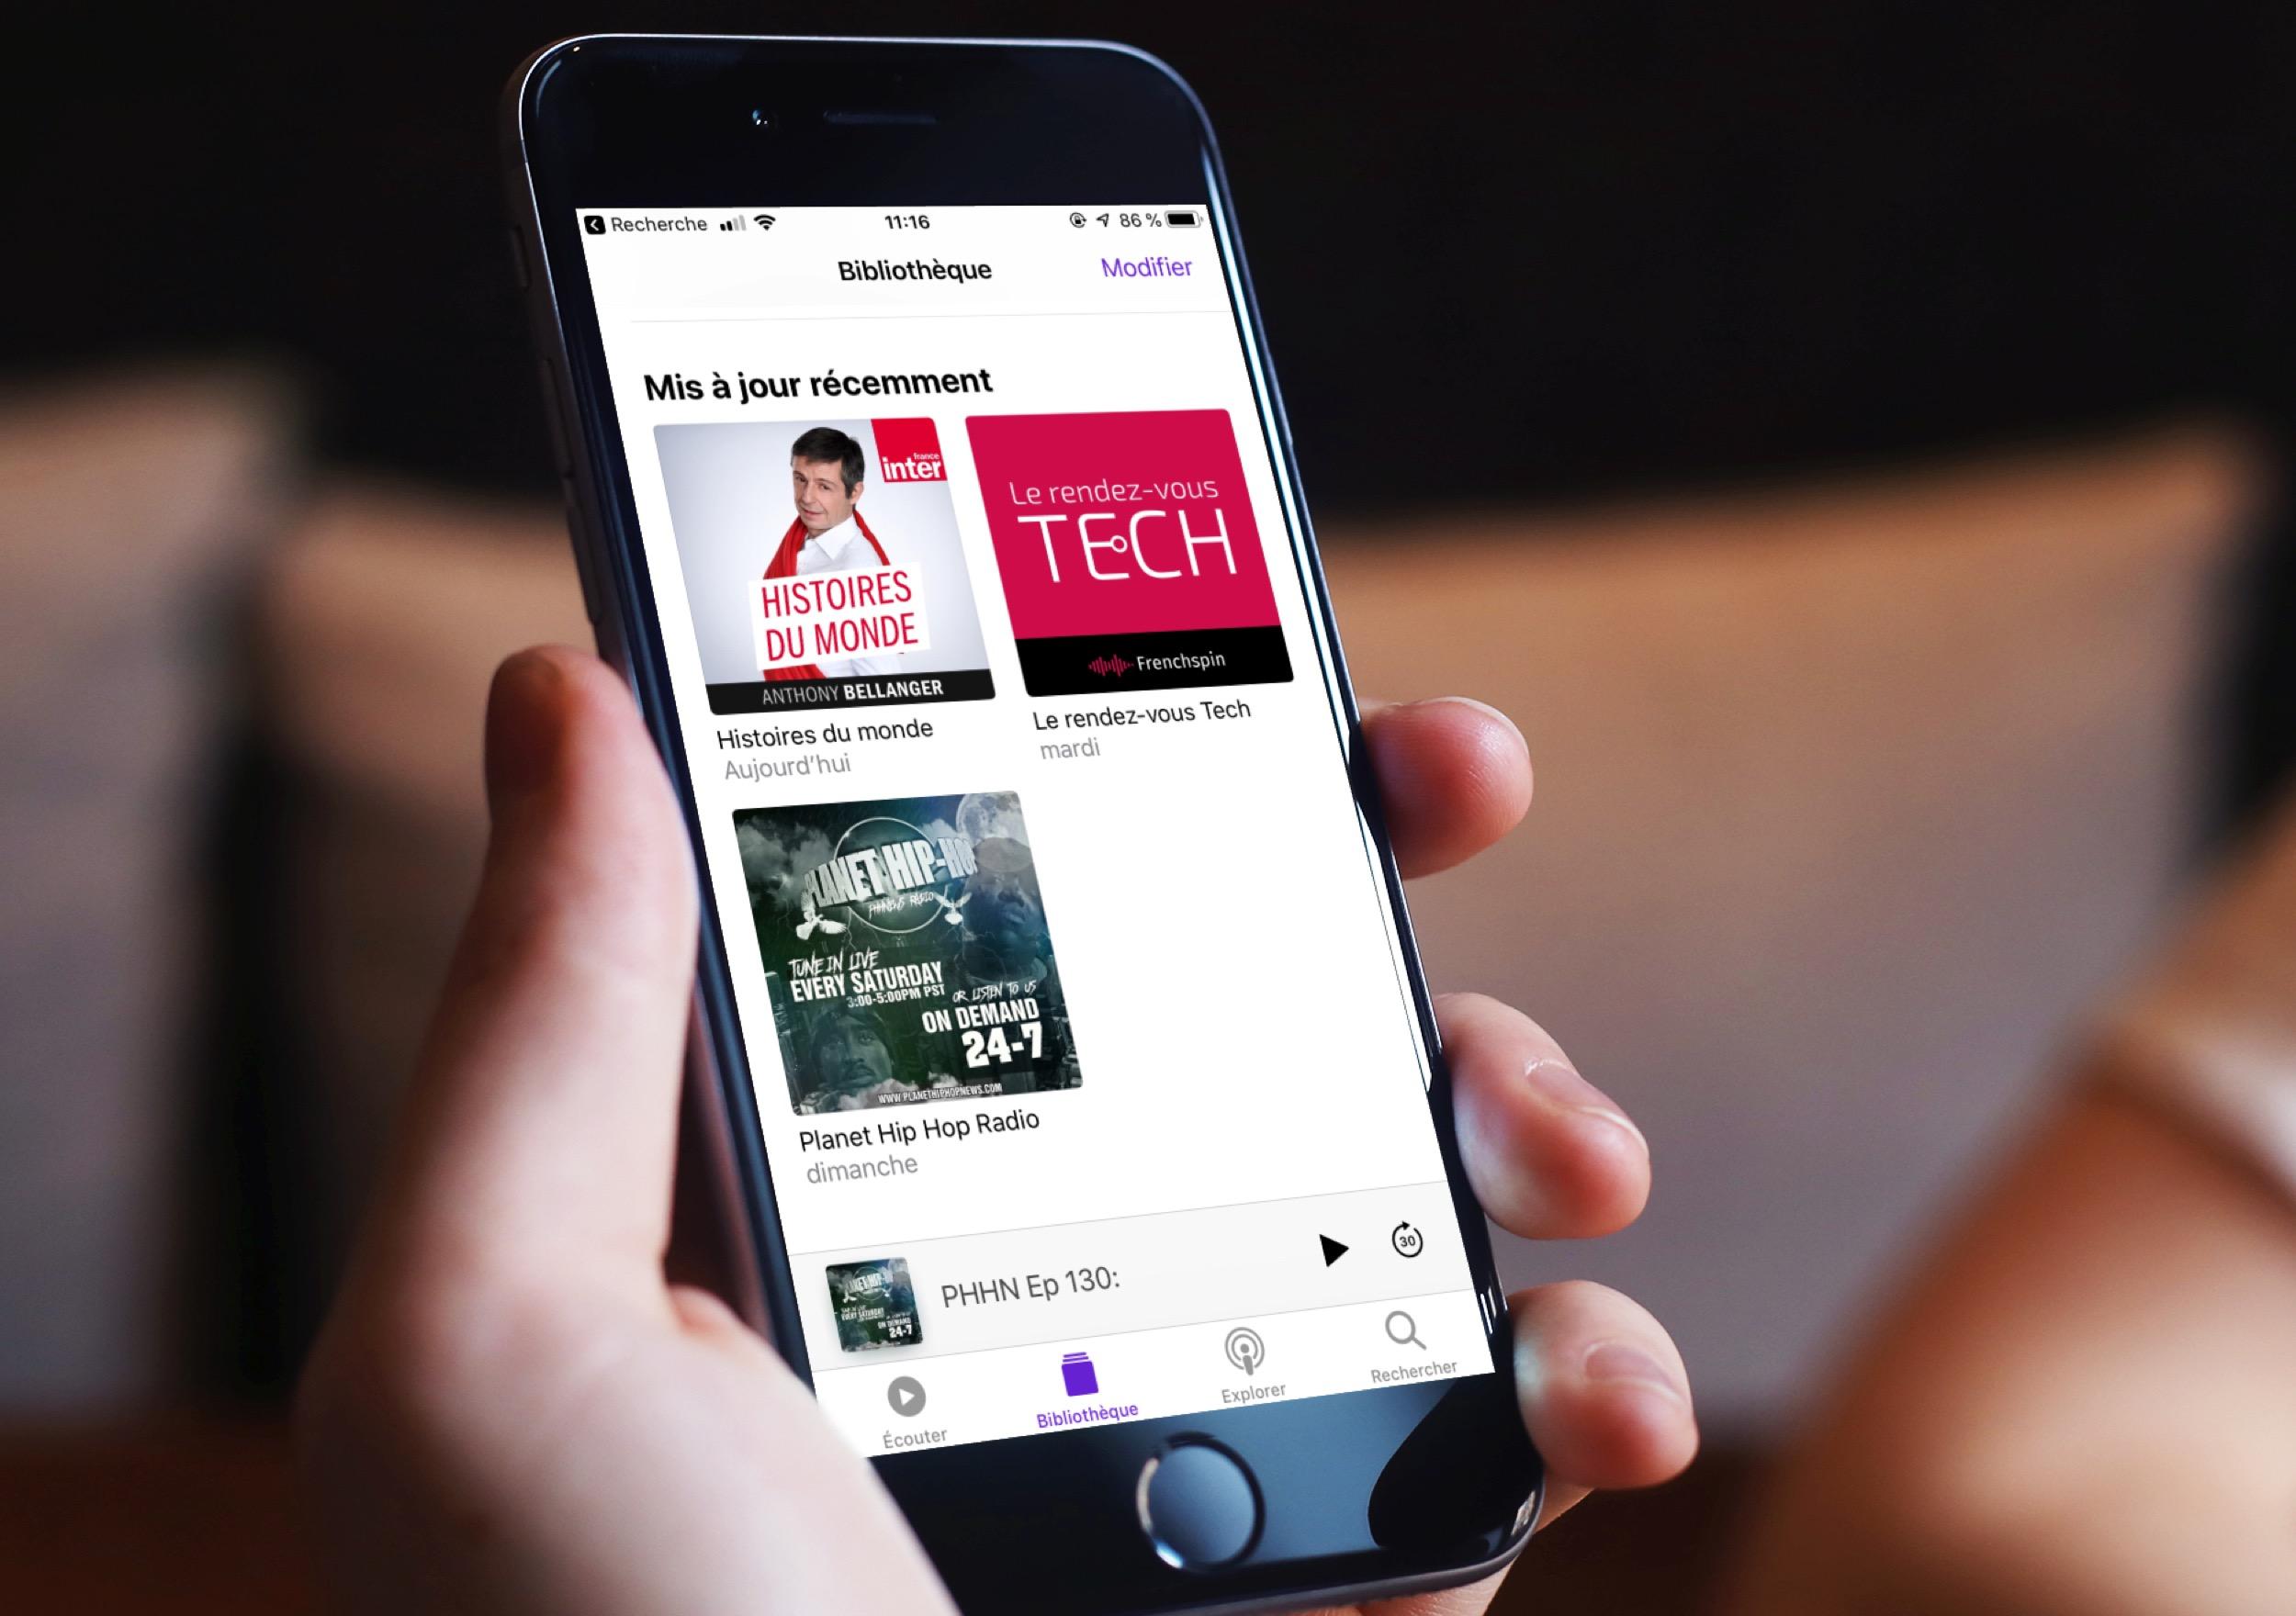 Des nouveautés pour les Podcasts aussi dans iOS 13 sur iPhone et iPad 1